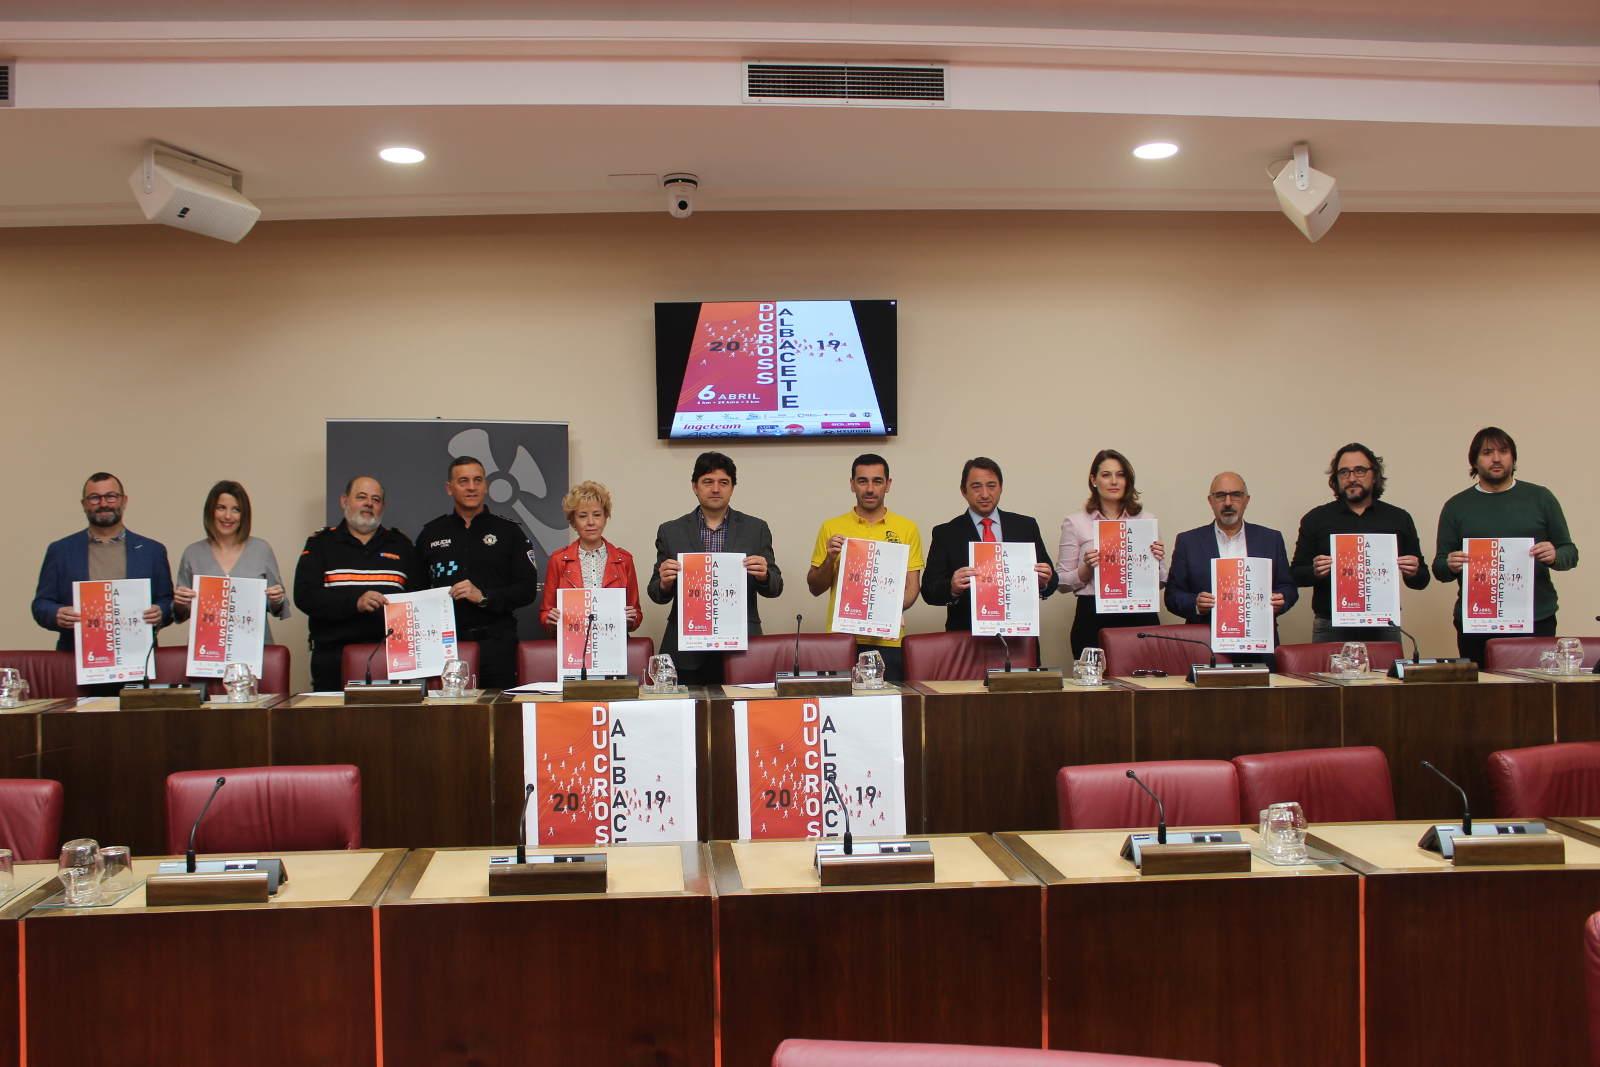 Presentación del III Duatlón Cross Ciudad de Albacete